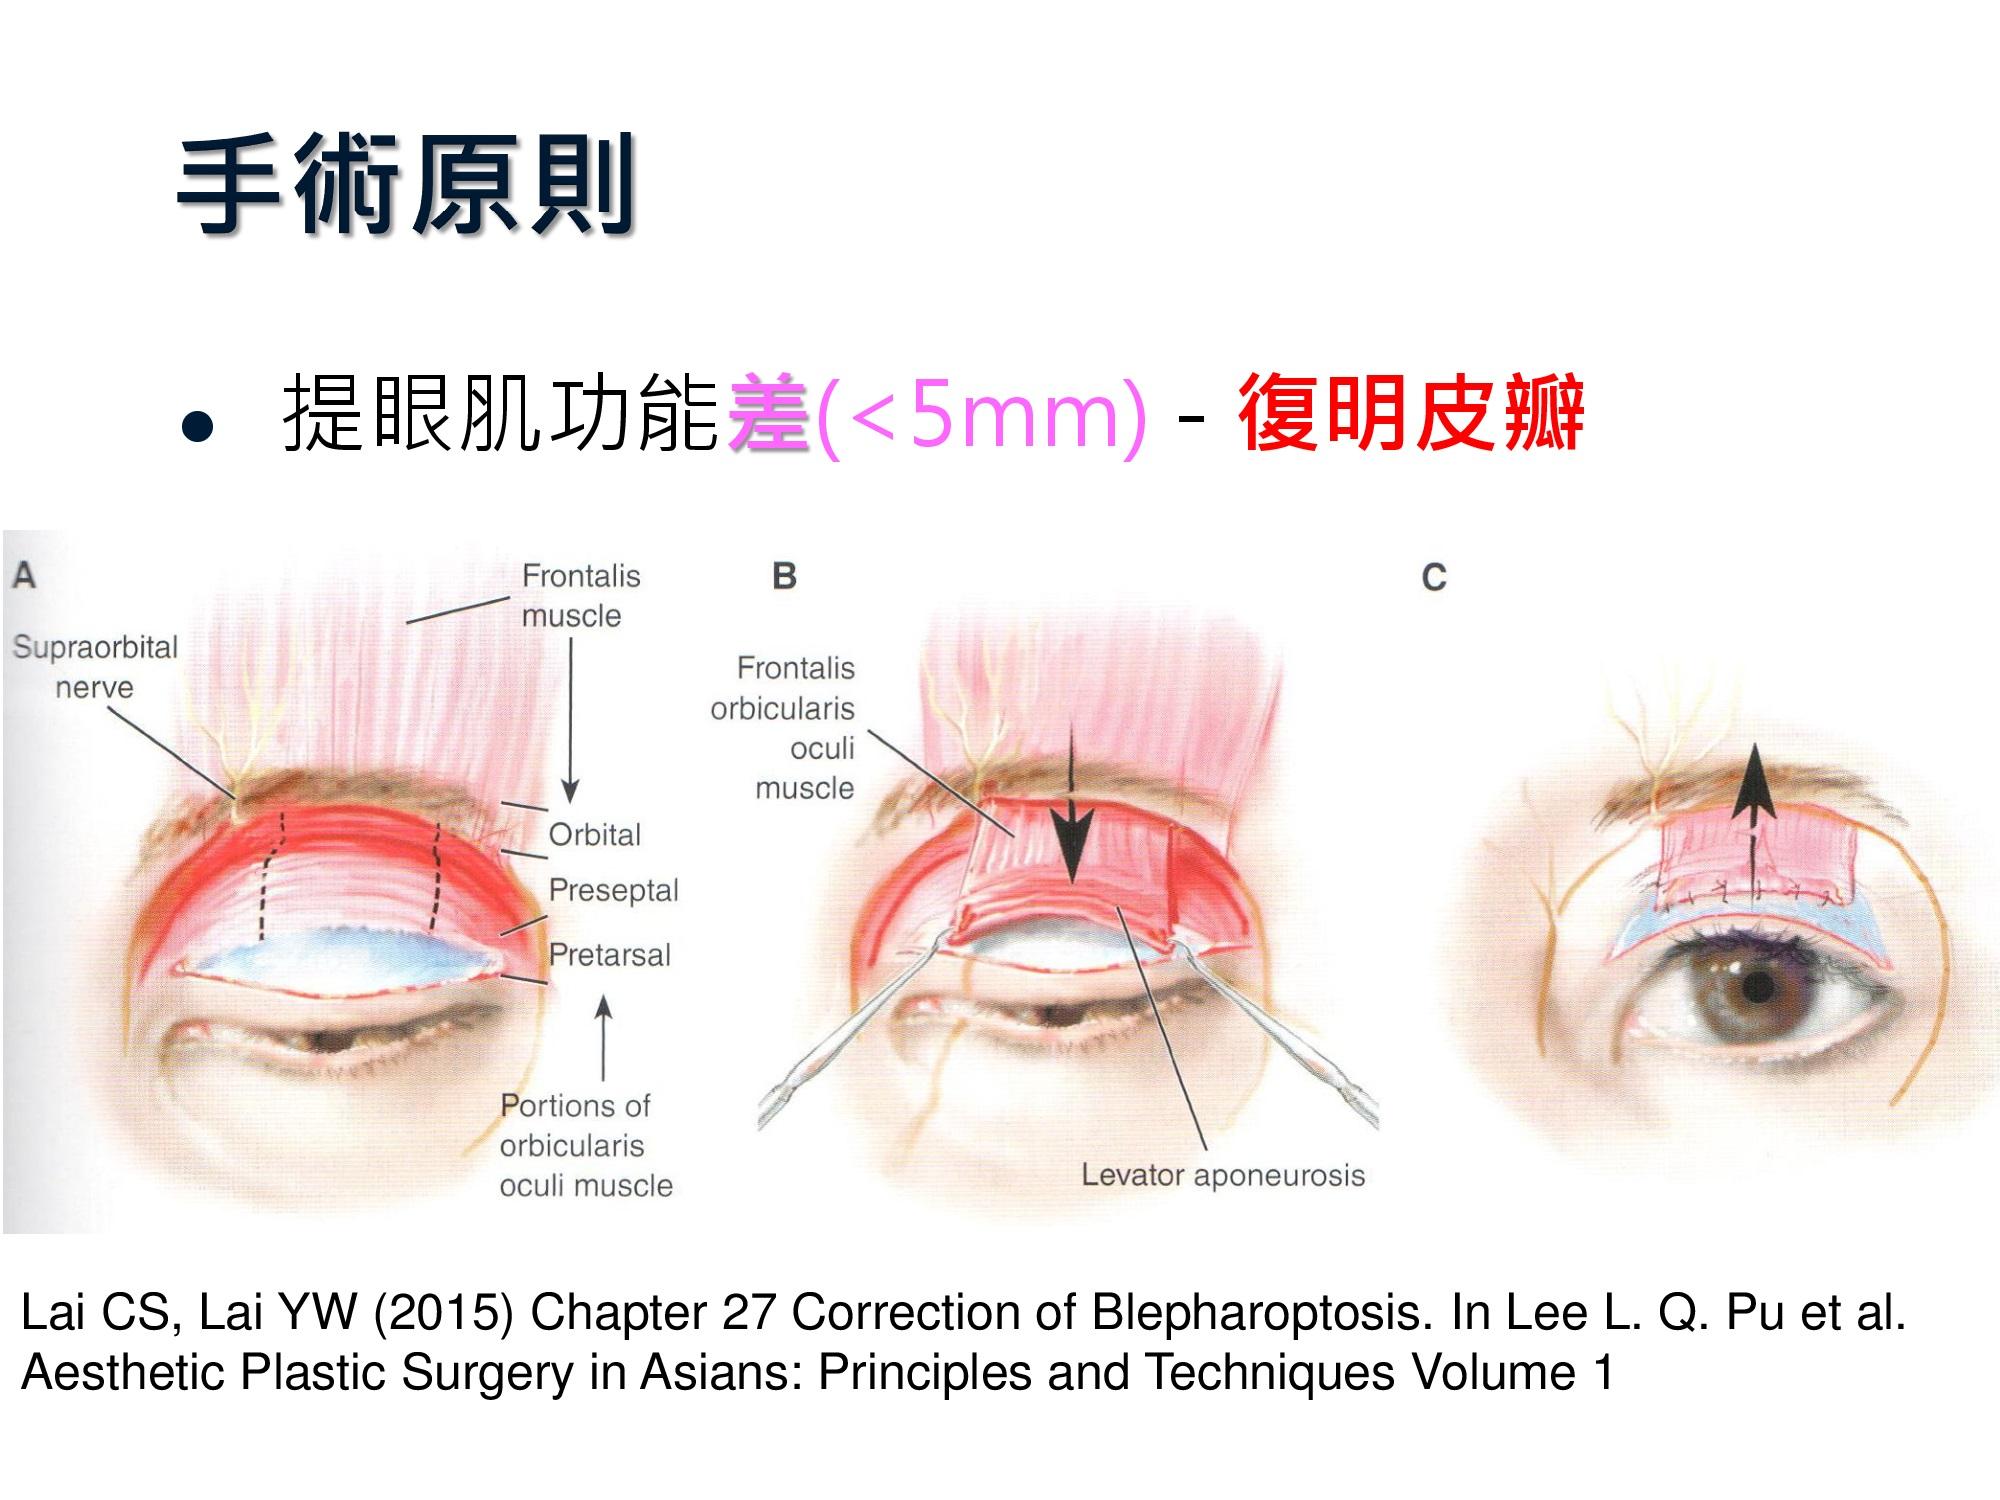 復明皮瓣的手術原則